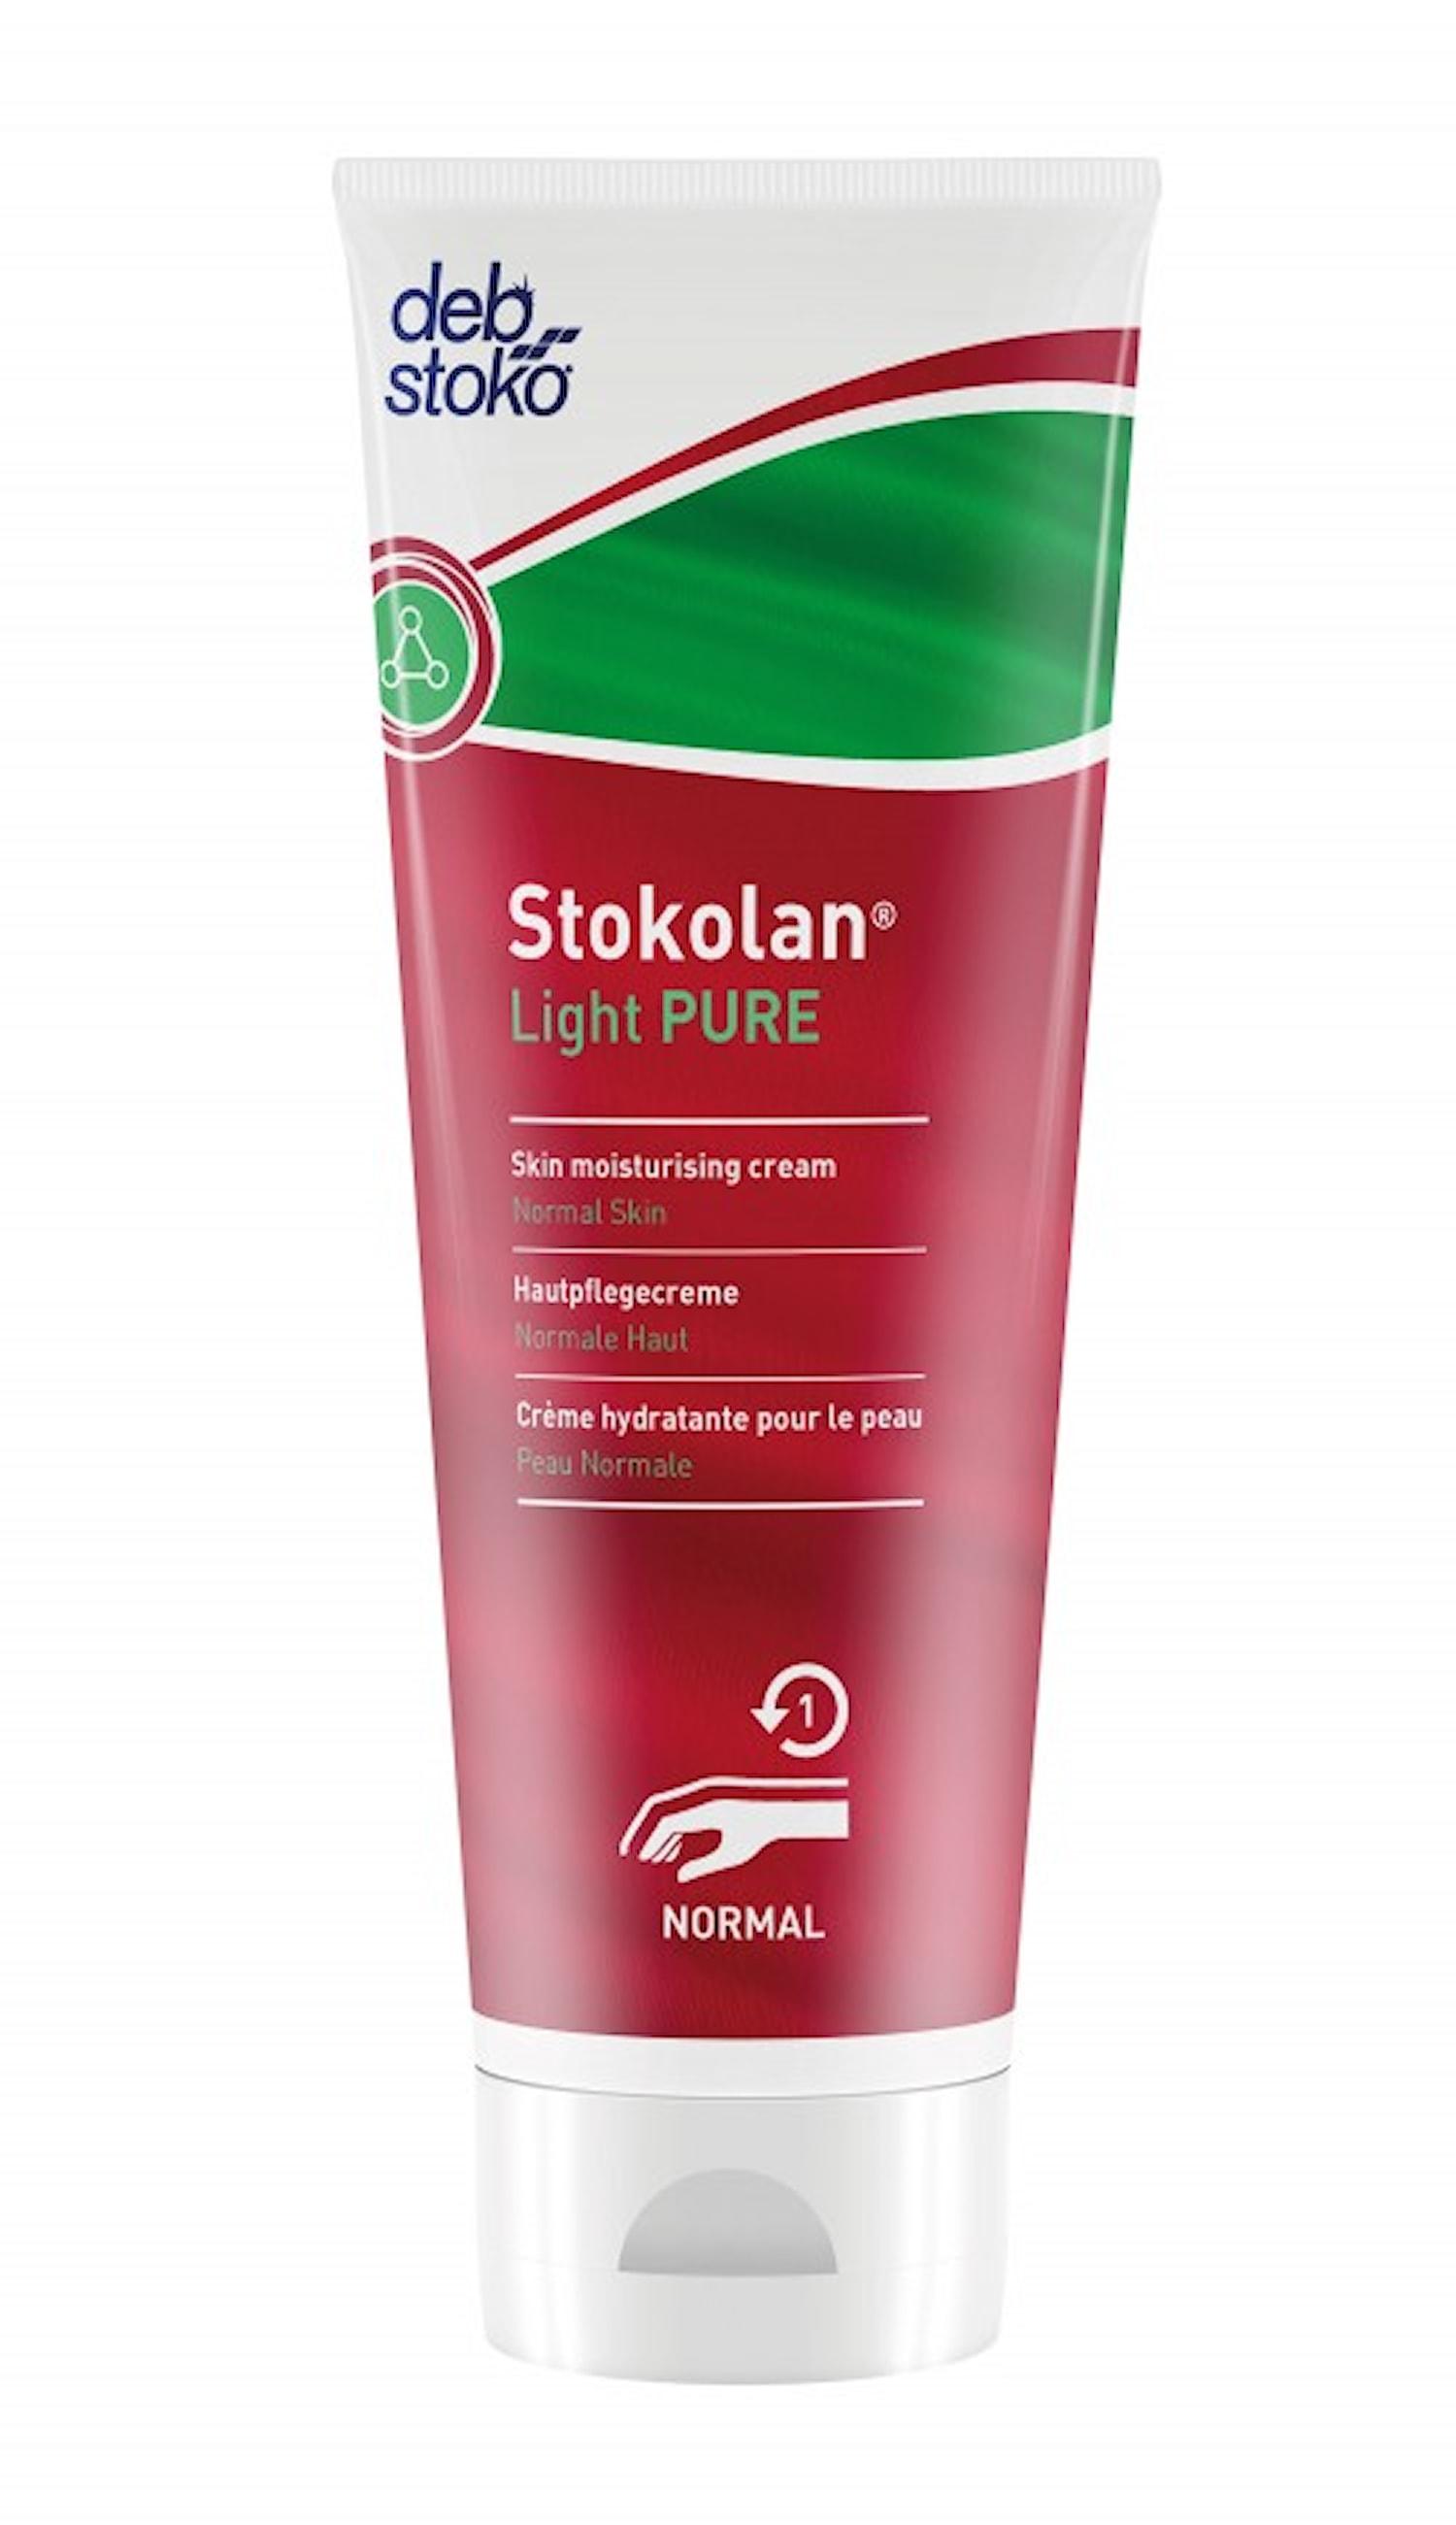 Stokolan Light Pure